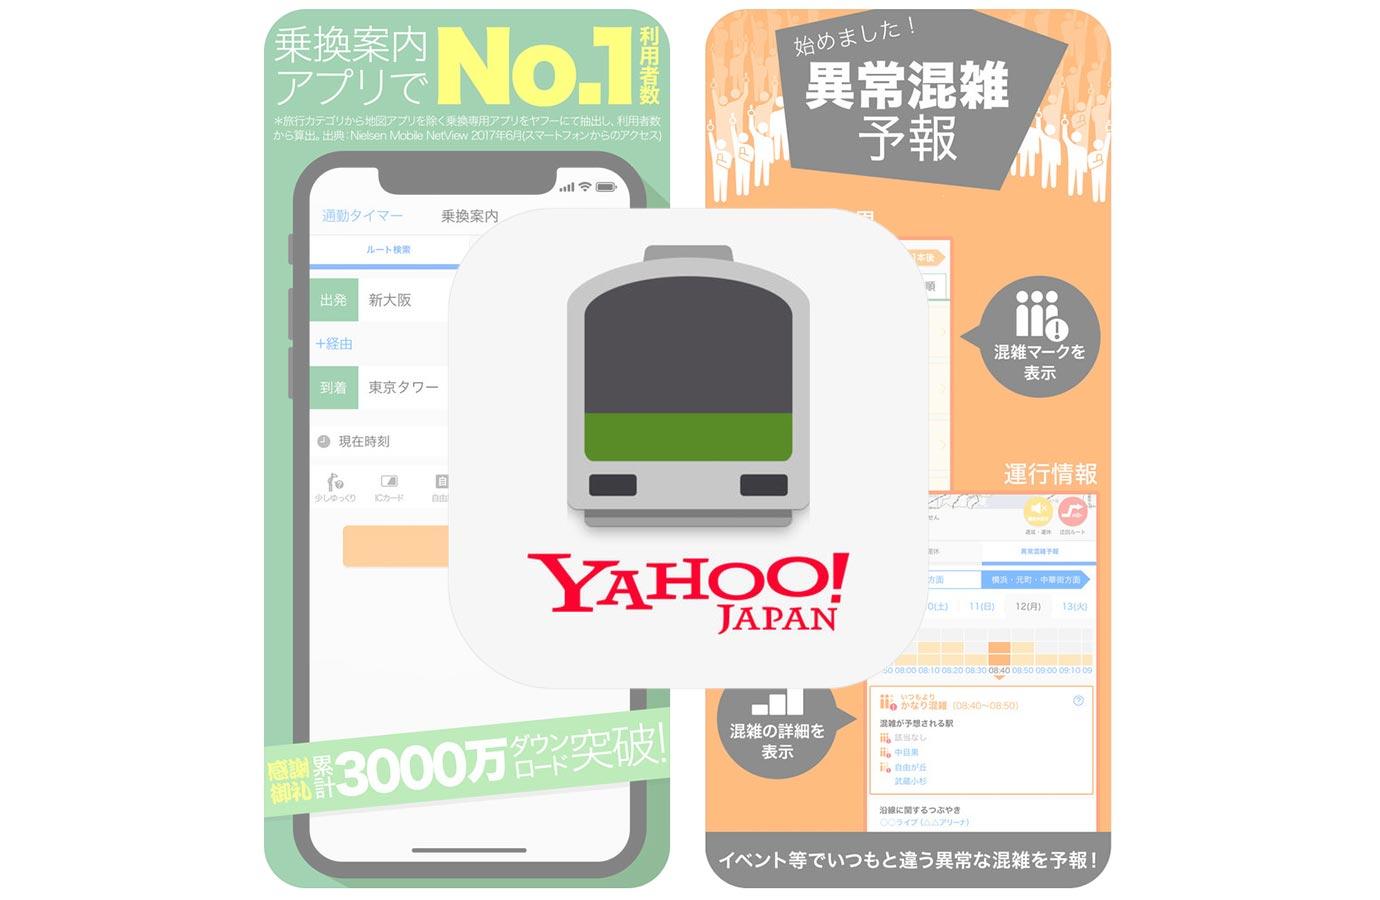 iOSアプリ「Yahoo!乗換案内」がアップデート、「異常混雑予報」機能を追加、まずは首都圏の主要26路線から提供開始